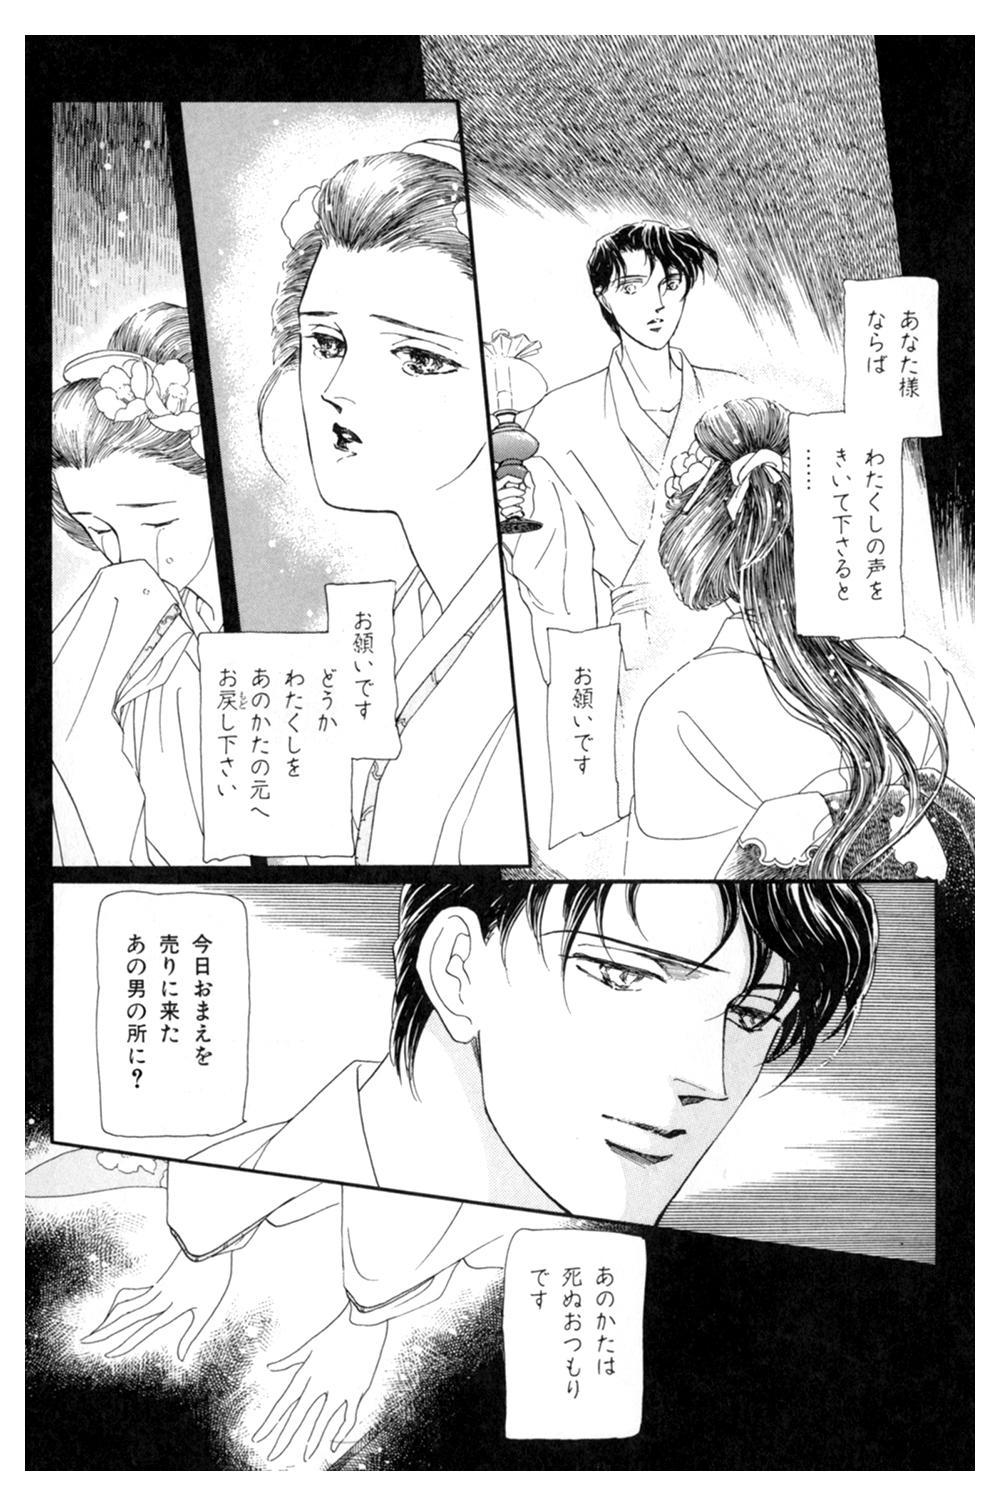 雨柳堂夢咄 第1話「花椿の恋」①uryu11.jpg